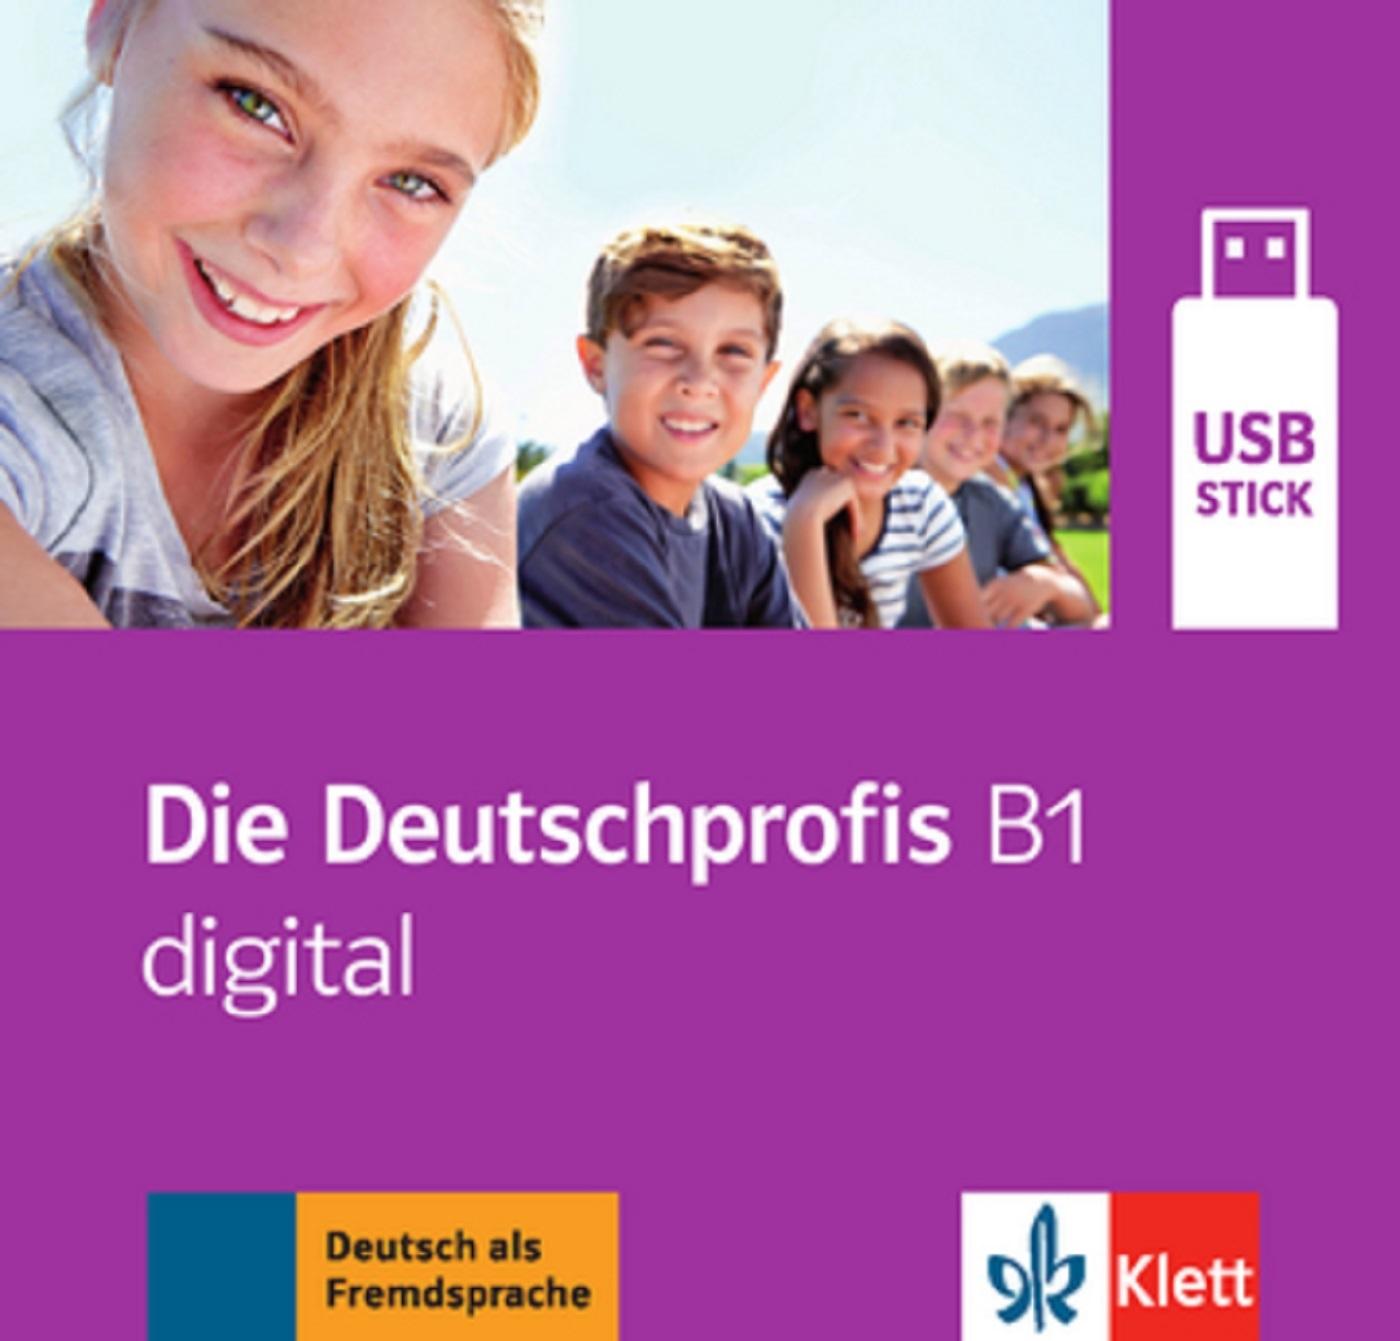 DIE DETSCHPROFIS B1 - CLE USB